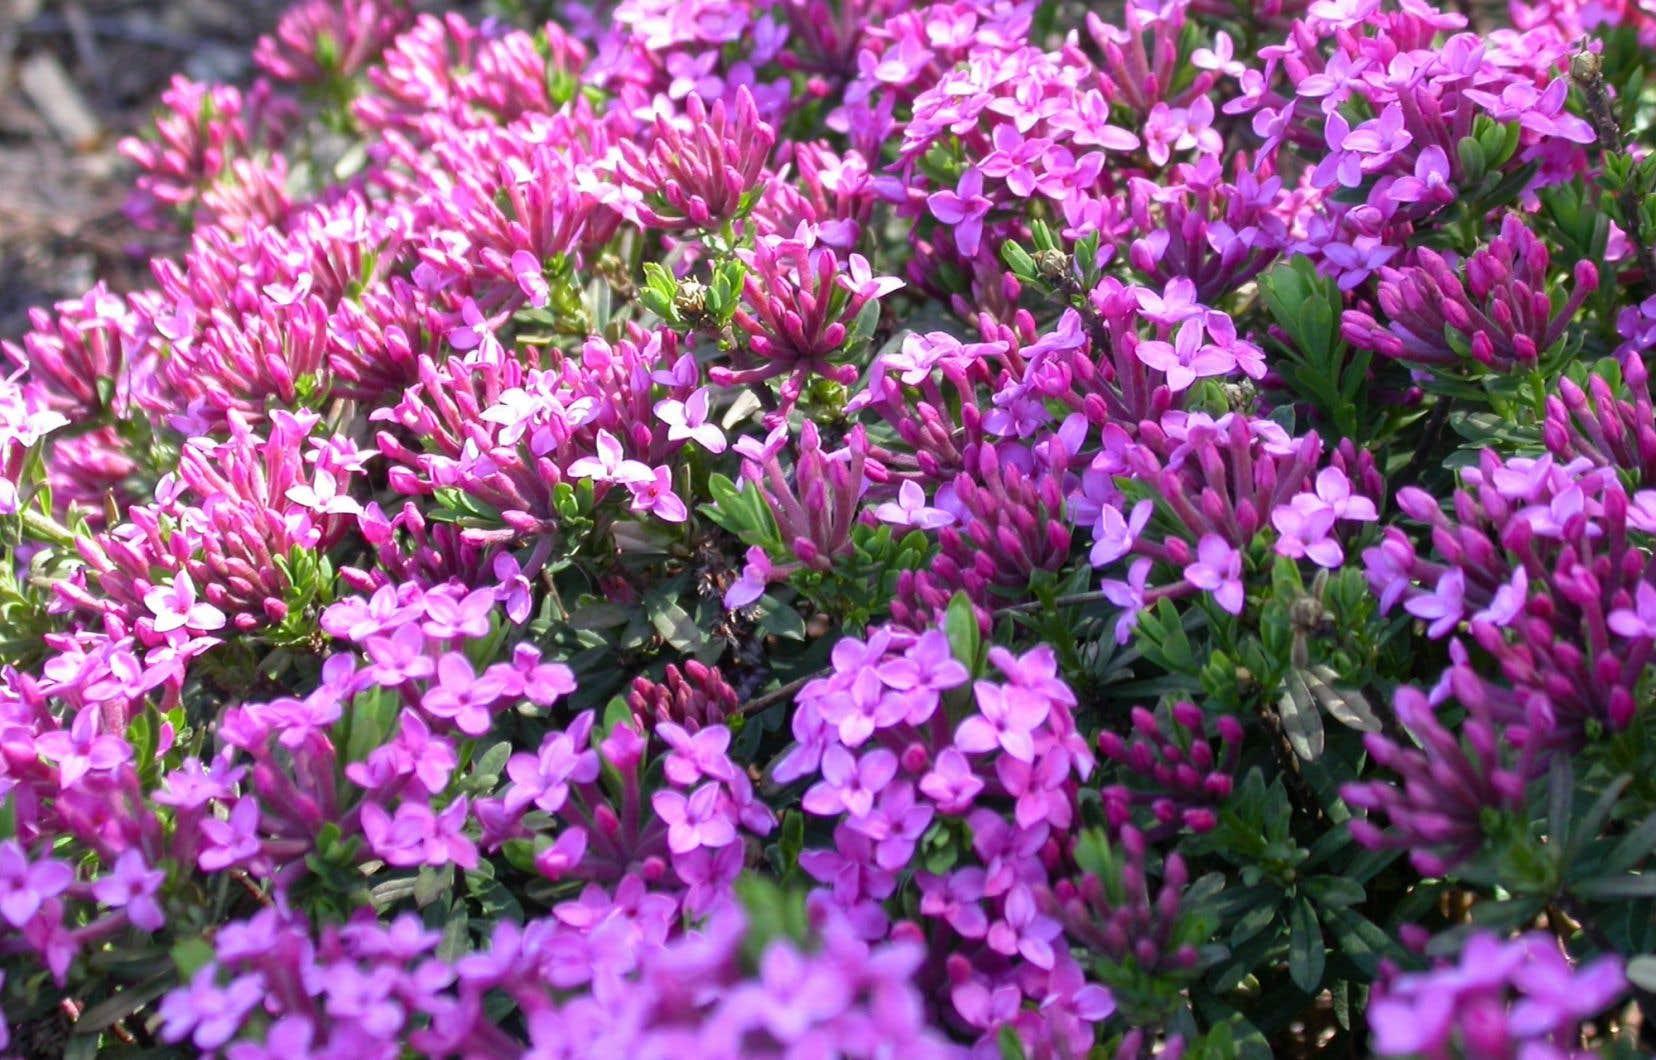 Arbuste Persistant En Pot Plein Soleil les arbustes, ces grands oubliés | le devoir